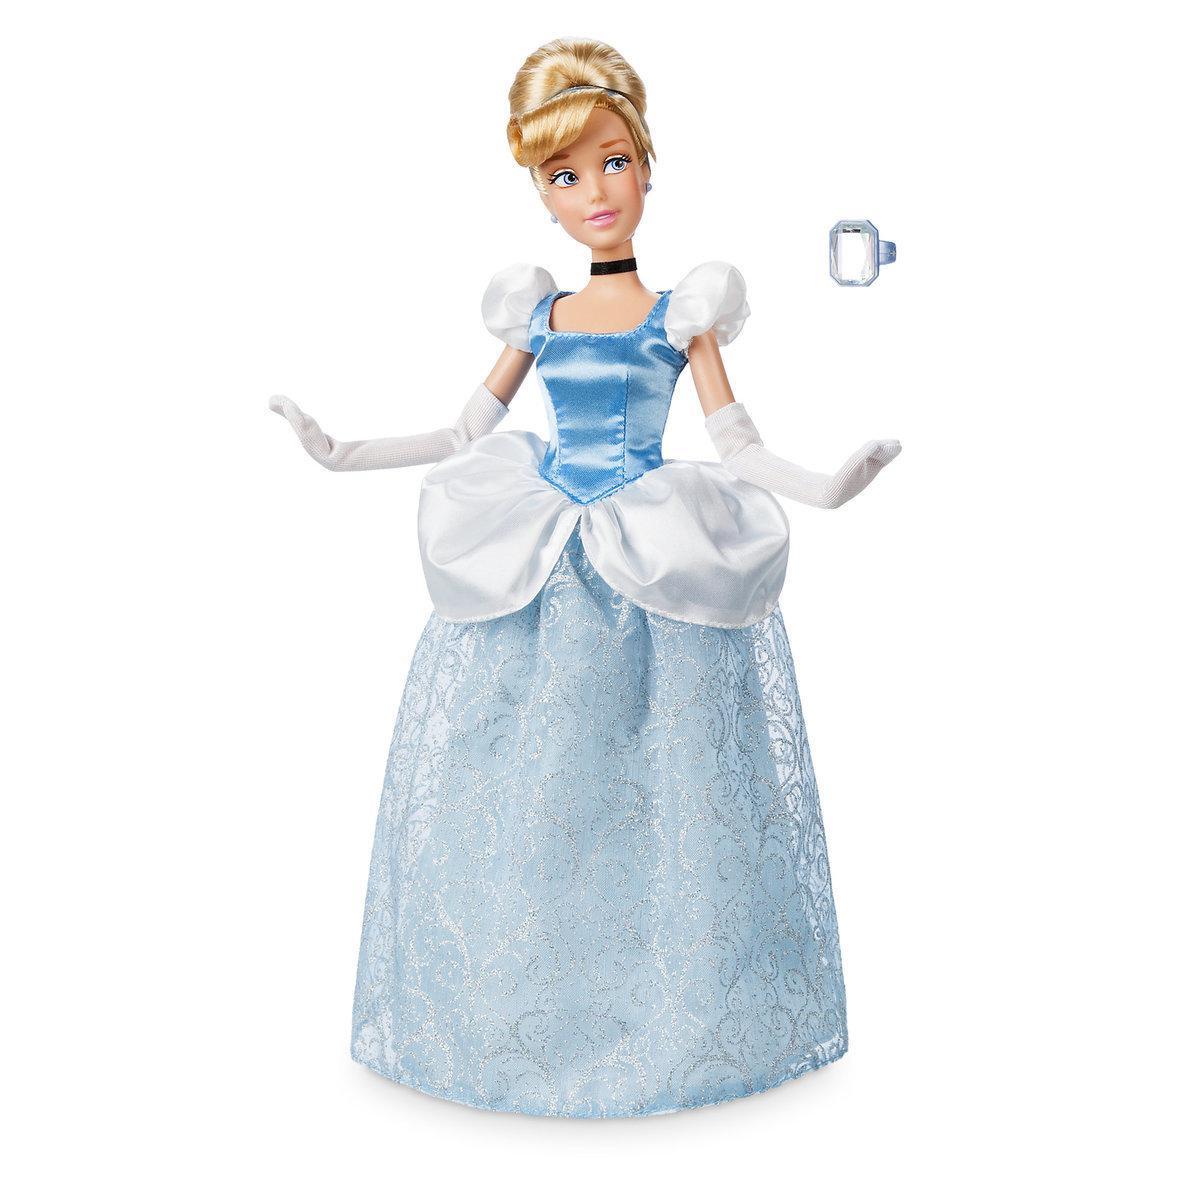 Лялька Cinderella Classic Doll with Ring (Класична лялька Попелюшка з кільцем для дівчинки)